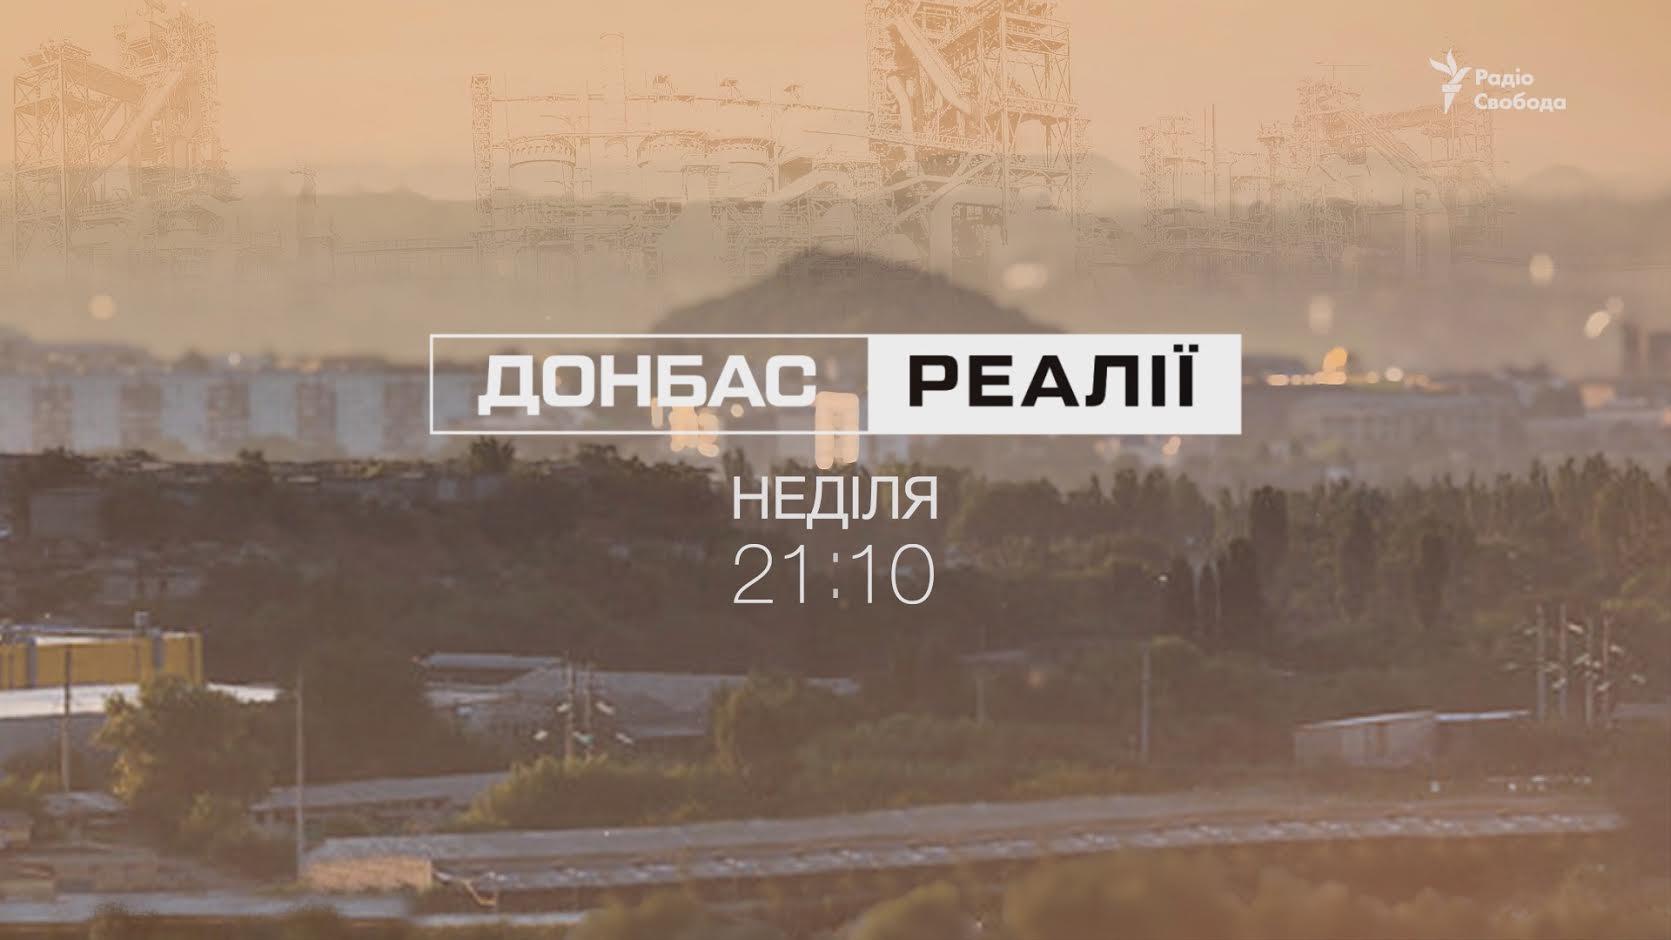 На «112 Україна» стартує проект «Радіо Свобода» про події в зоні АТО